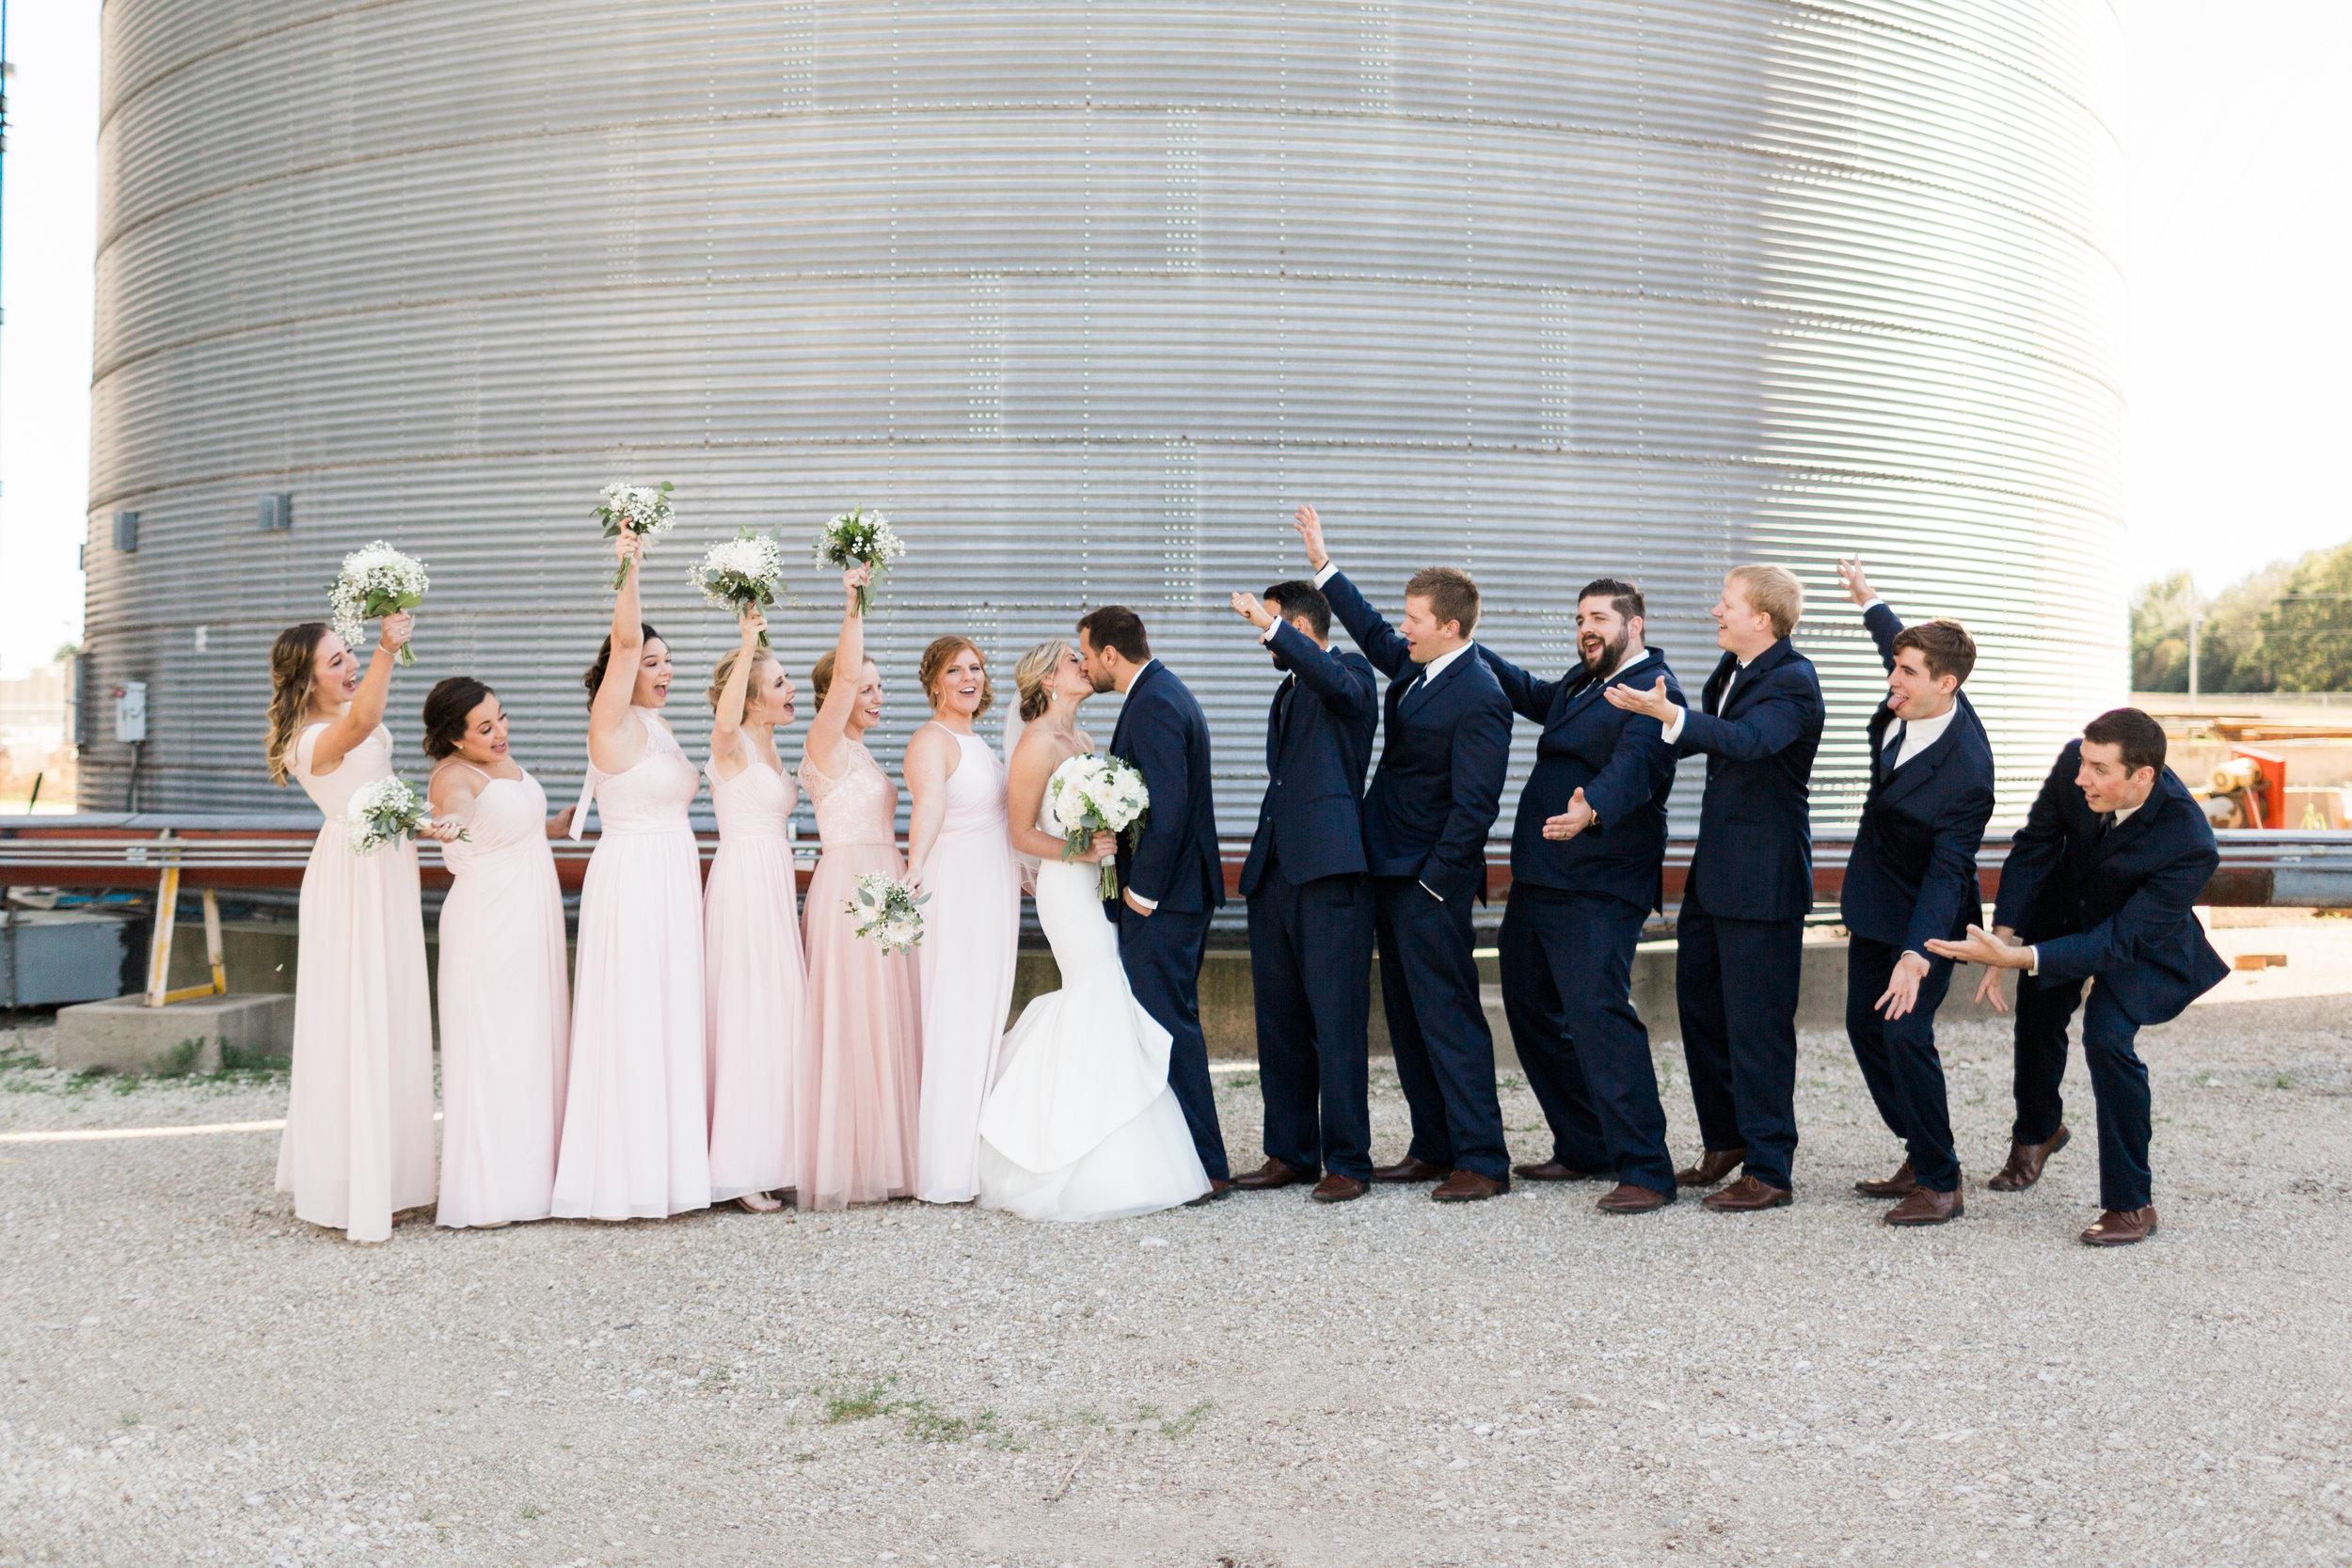 heartfeltcentraliowawedding-62.jpg